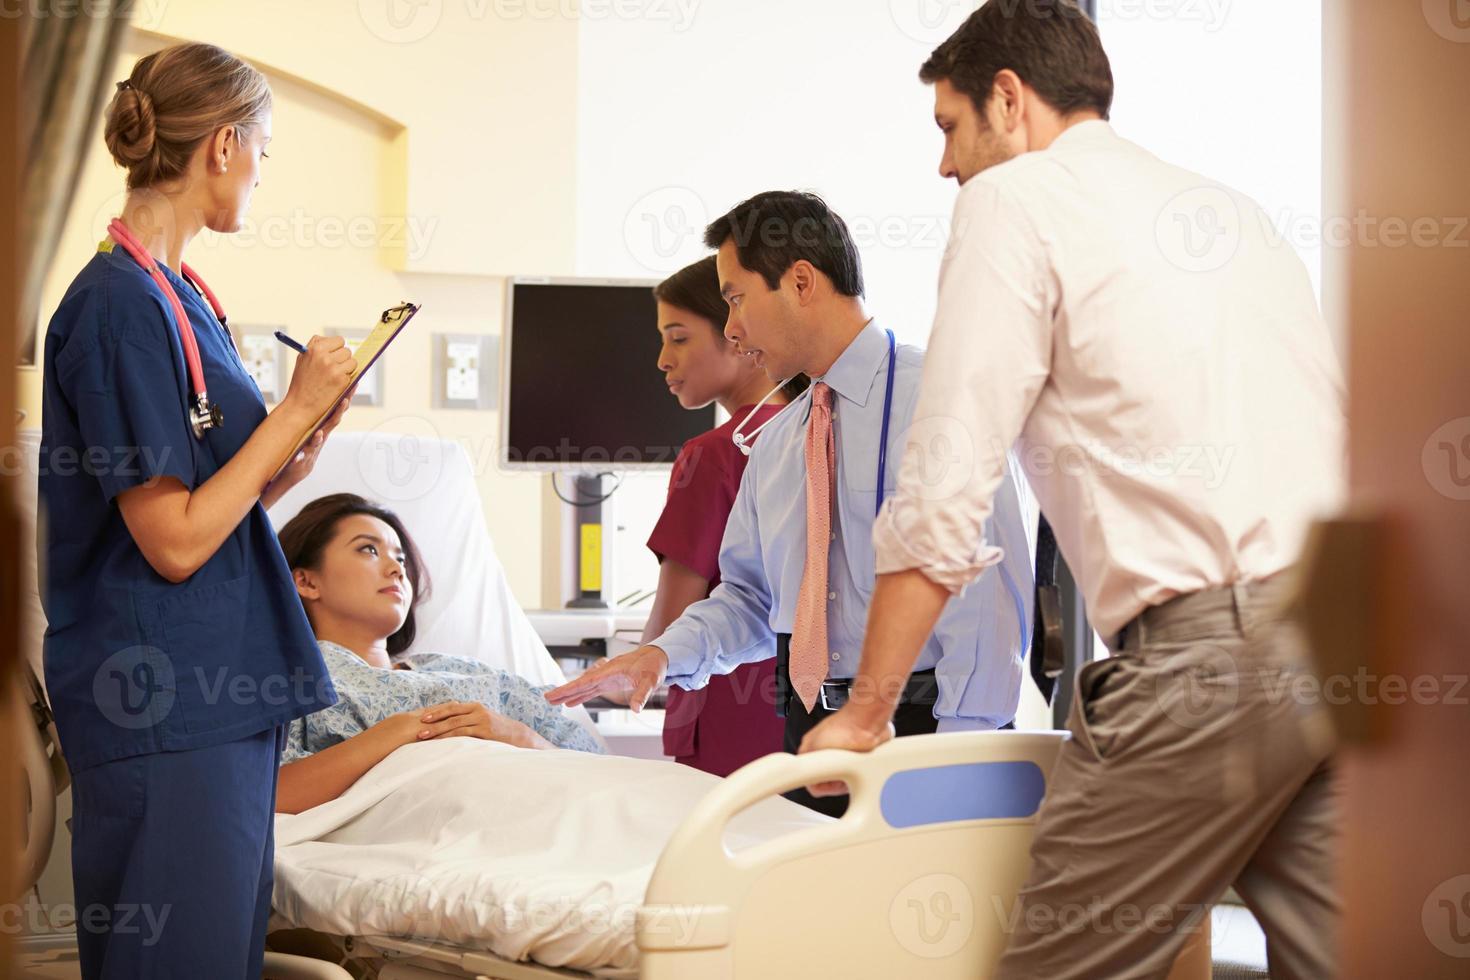 profissionais médicos tendem a uma paciente hospitalizada foto